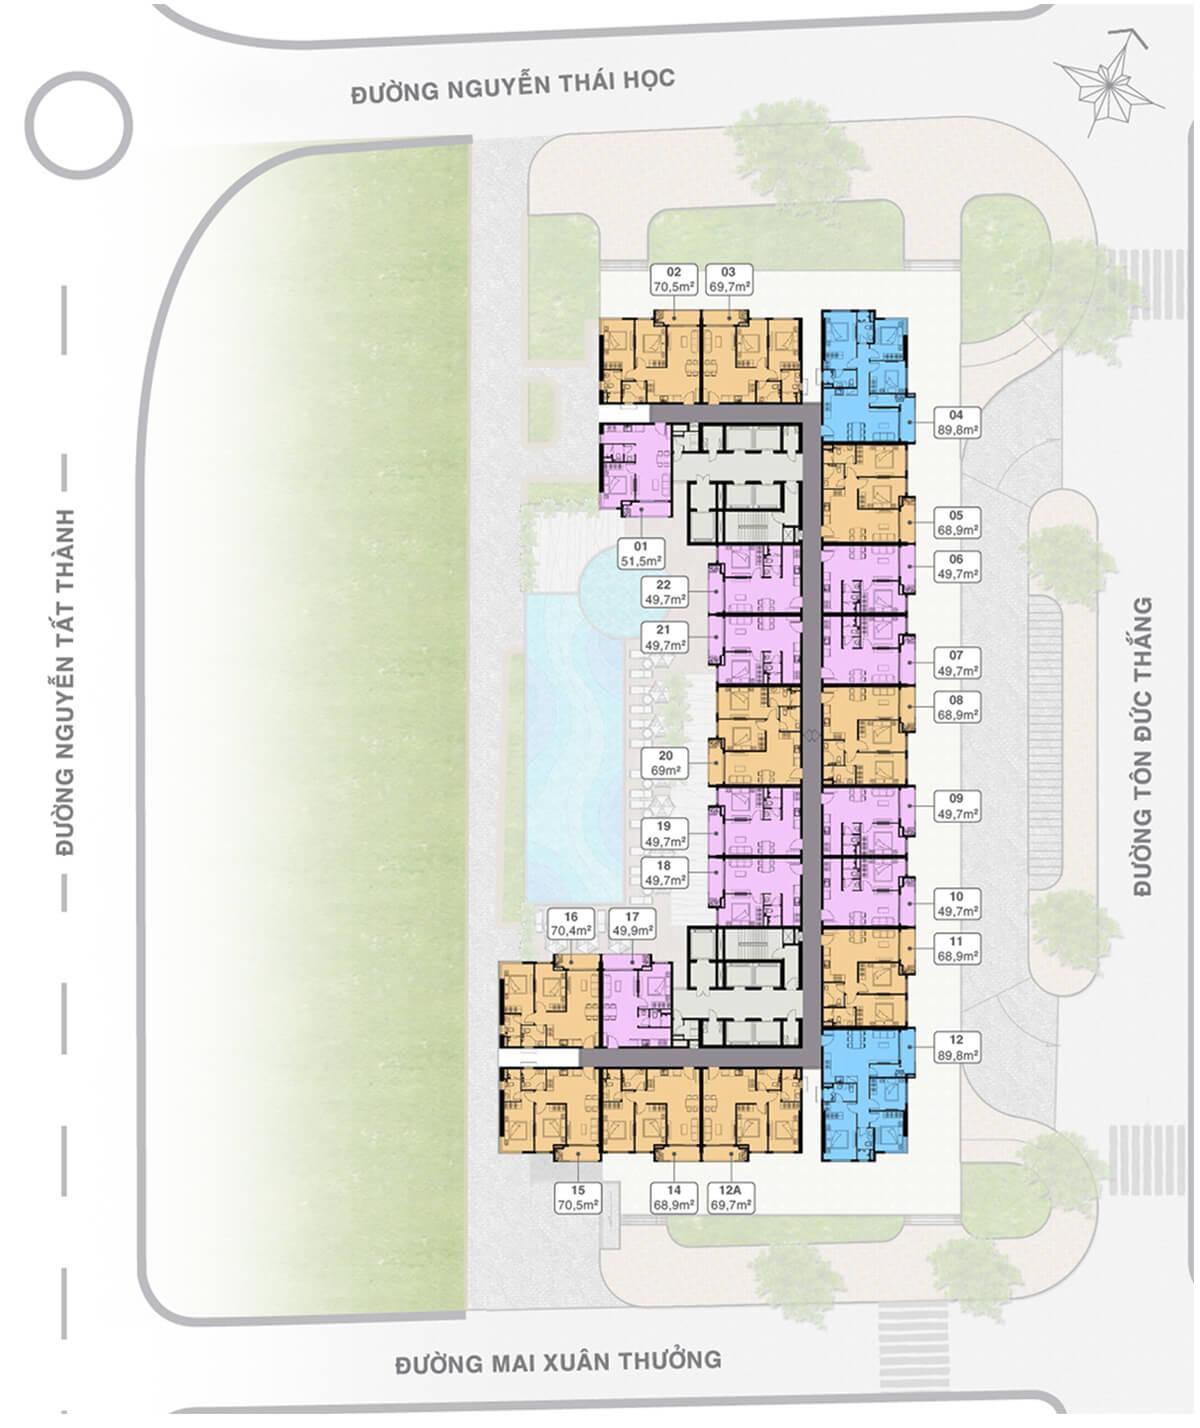 Mặt bằng tầng điển hình dự án Grand Center Quy Nhơn